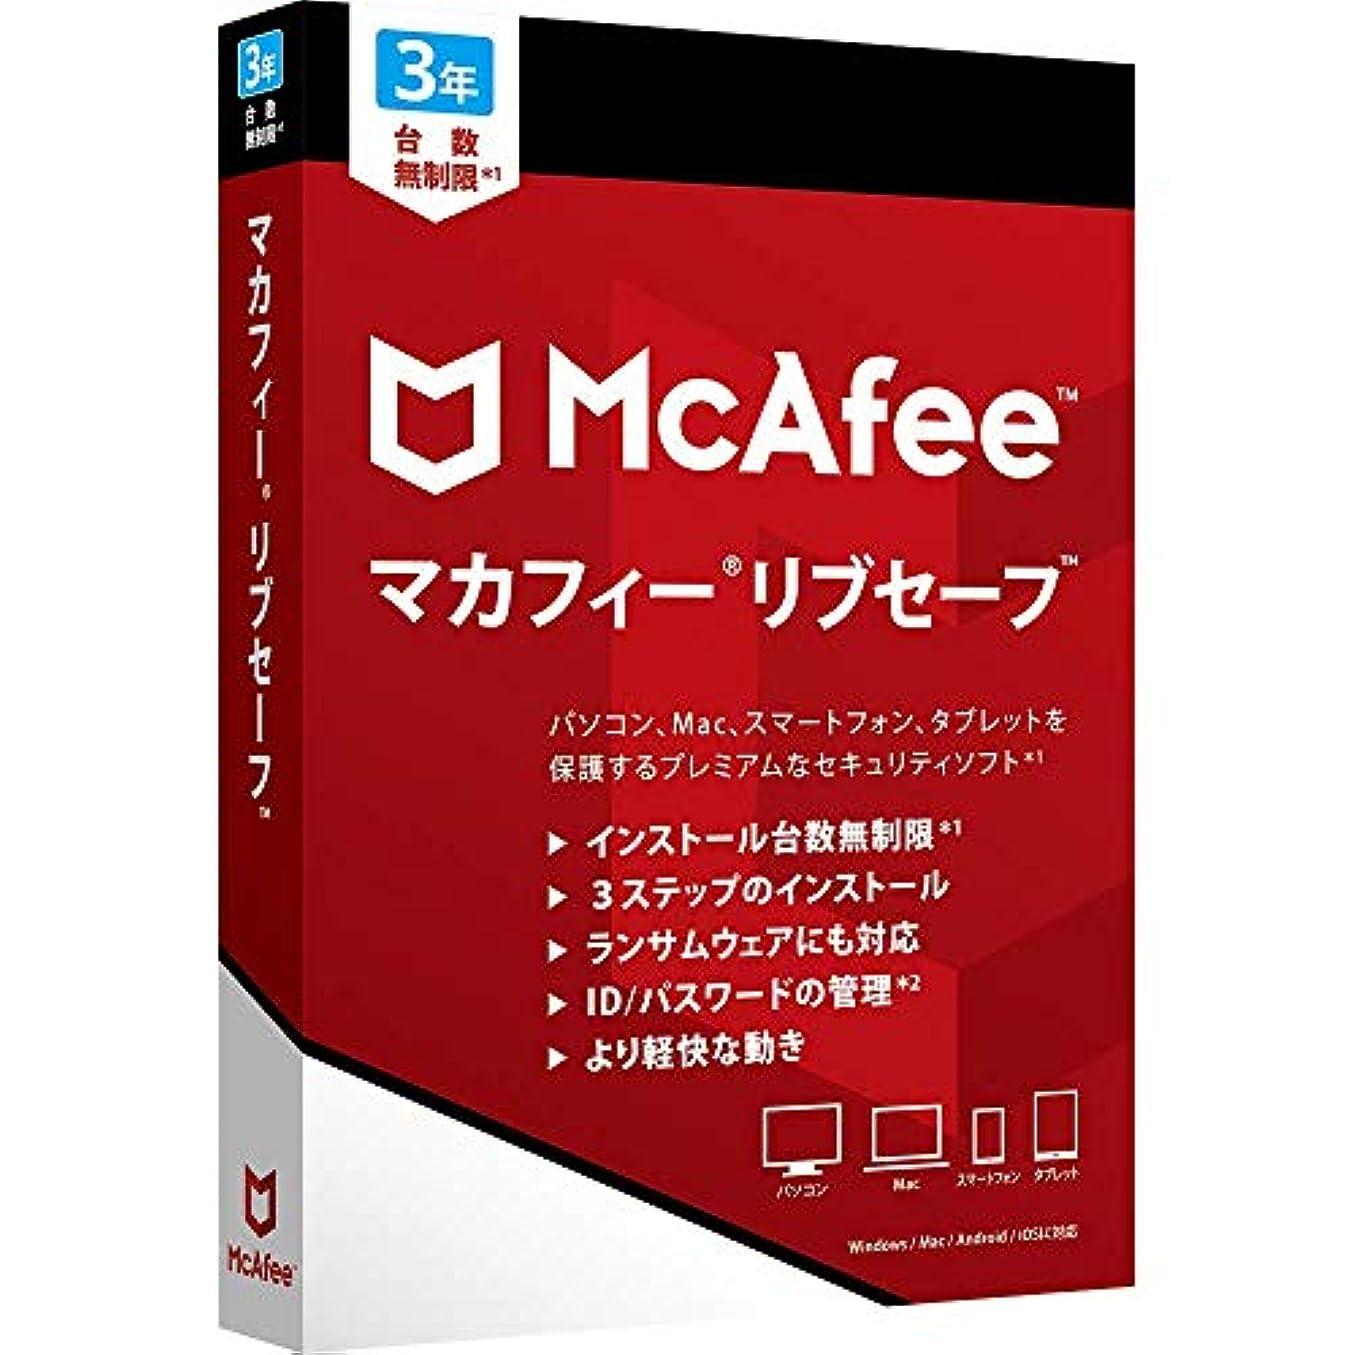 寮吸収する将来のマカフィー リブセーフ 最新版 (台数無制限/3年用) ウィルス対策 セキュリティソフト 何台でもインストール可能 [パッケージ版] Win/Mac/iOS/Android対応